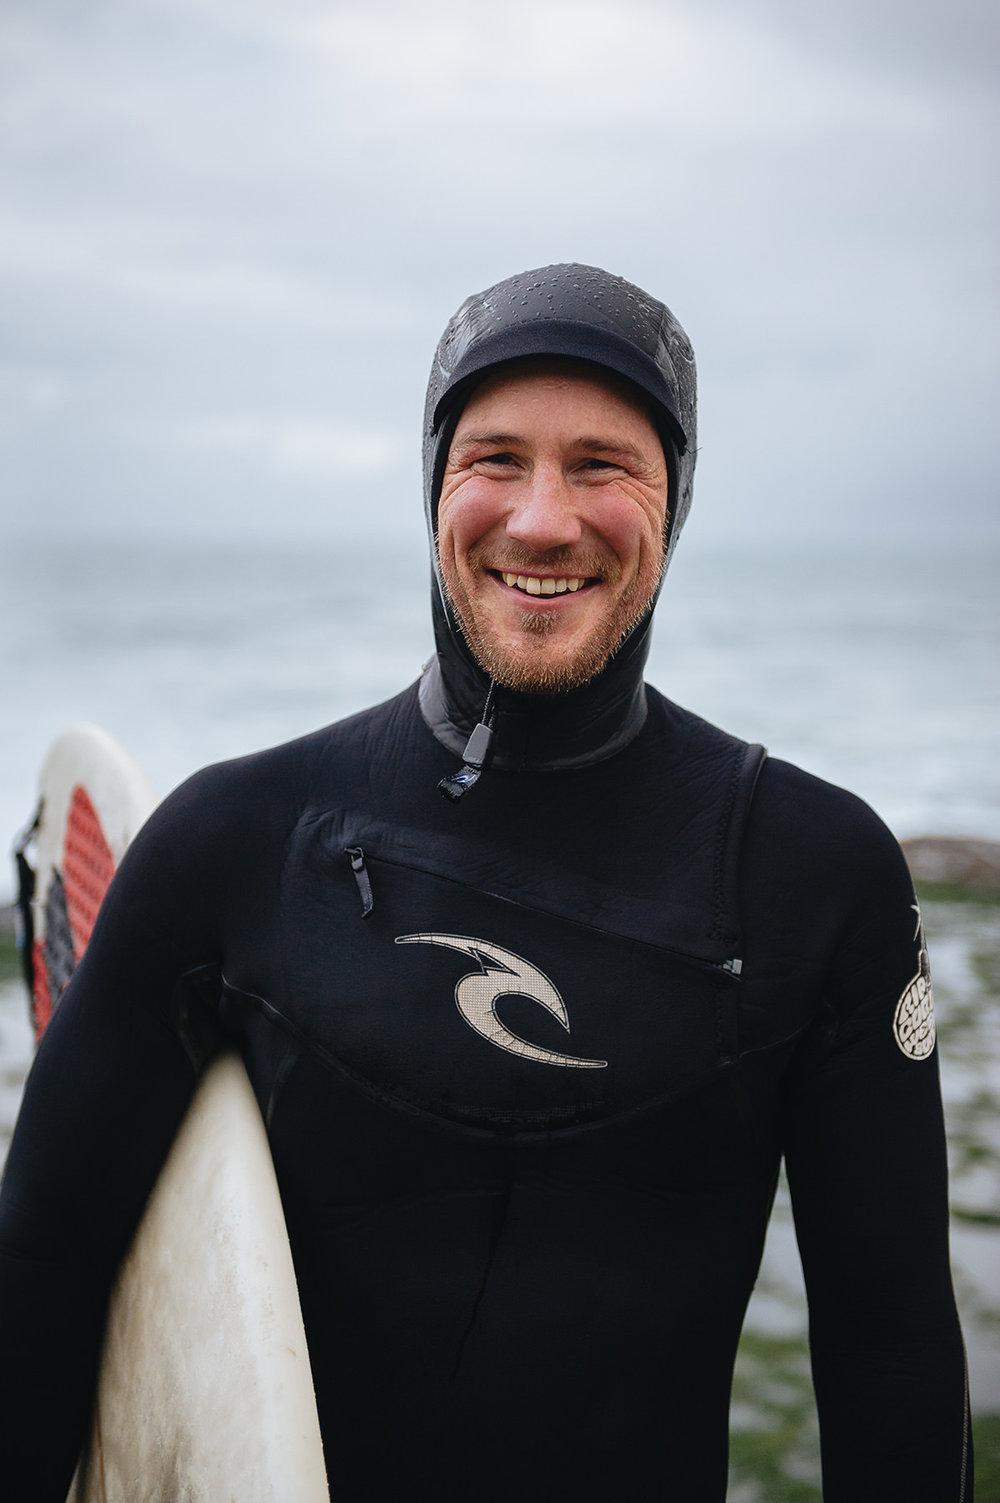 winter-surfing-ireland-sport-adventure-09.jpg